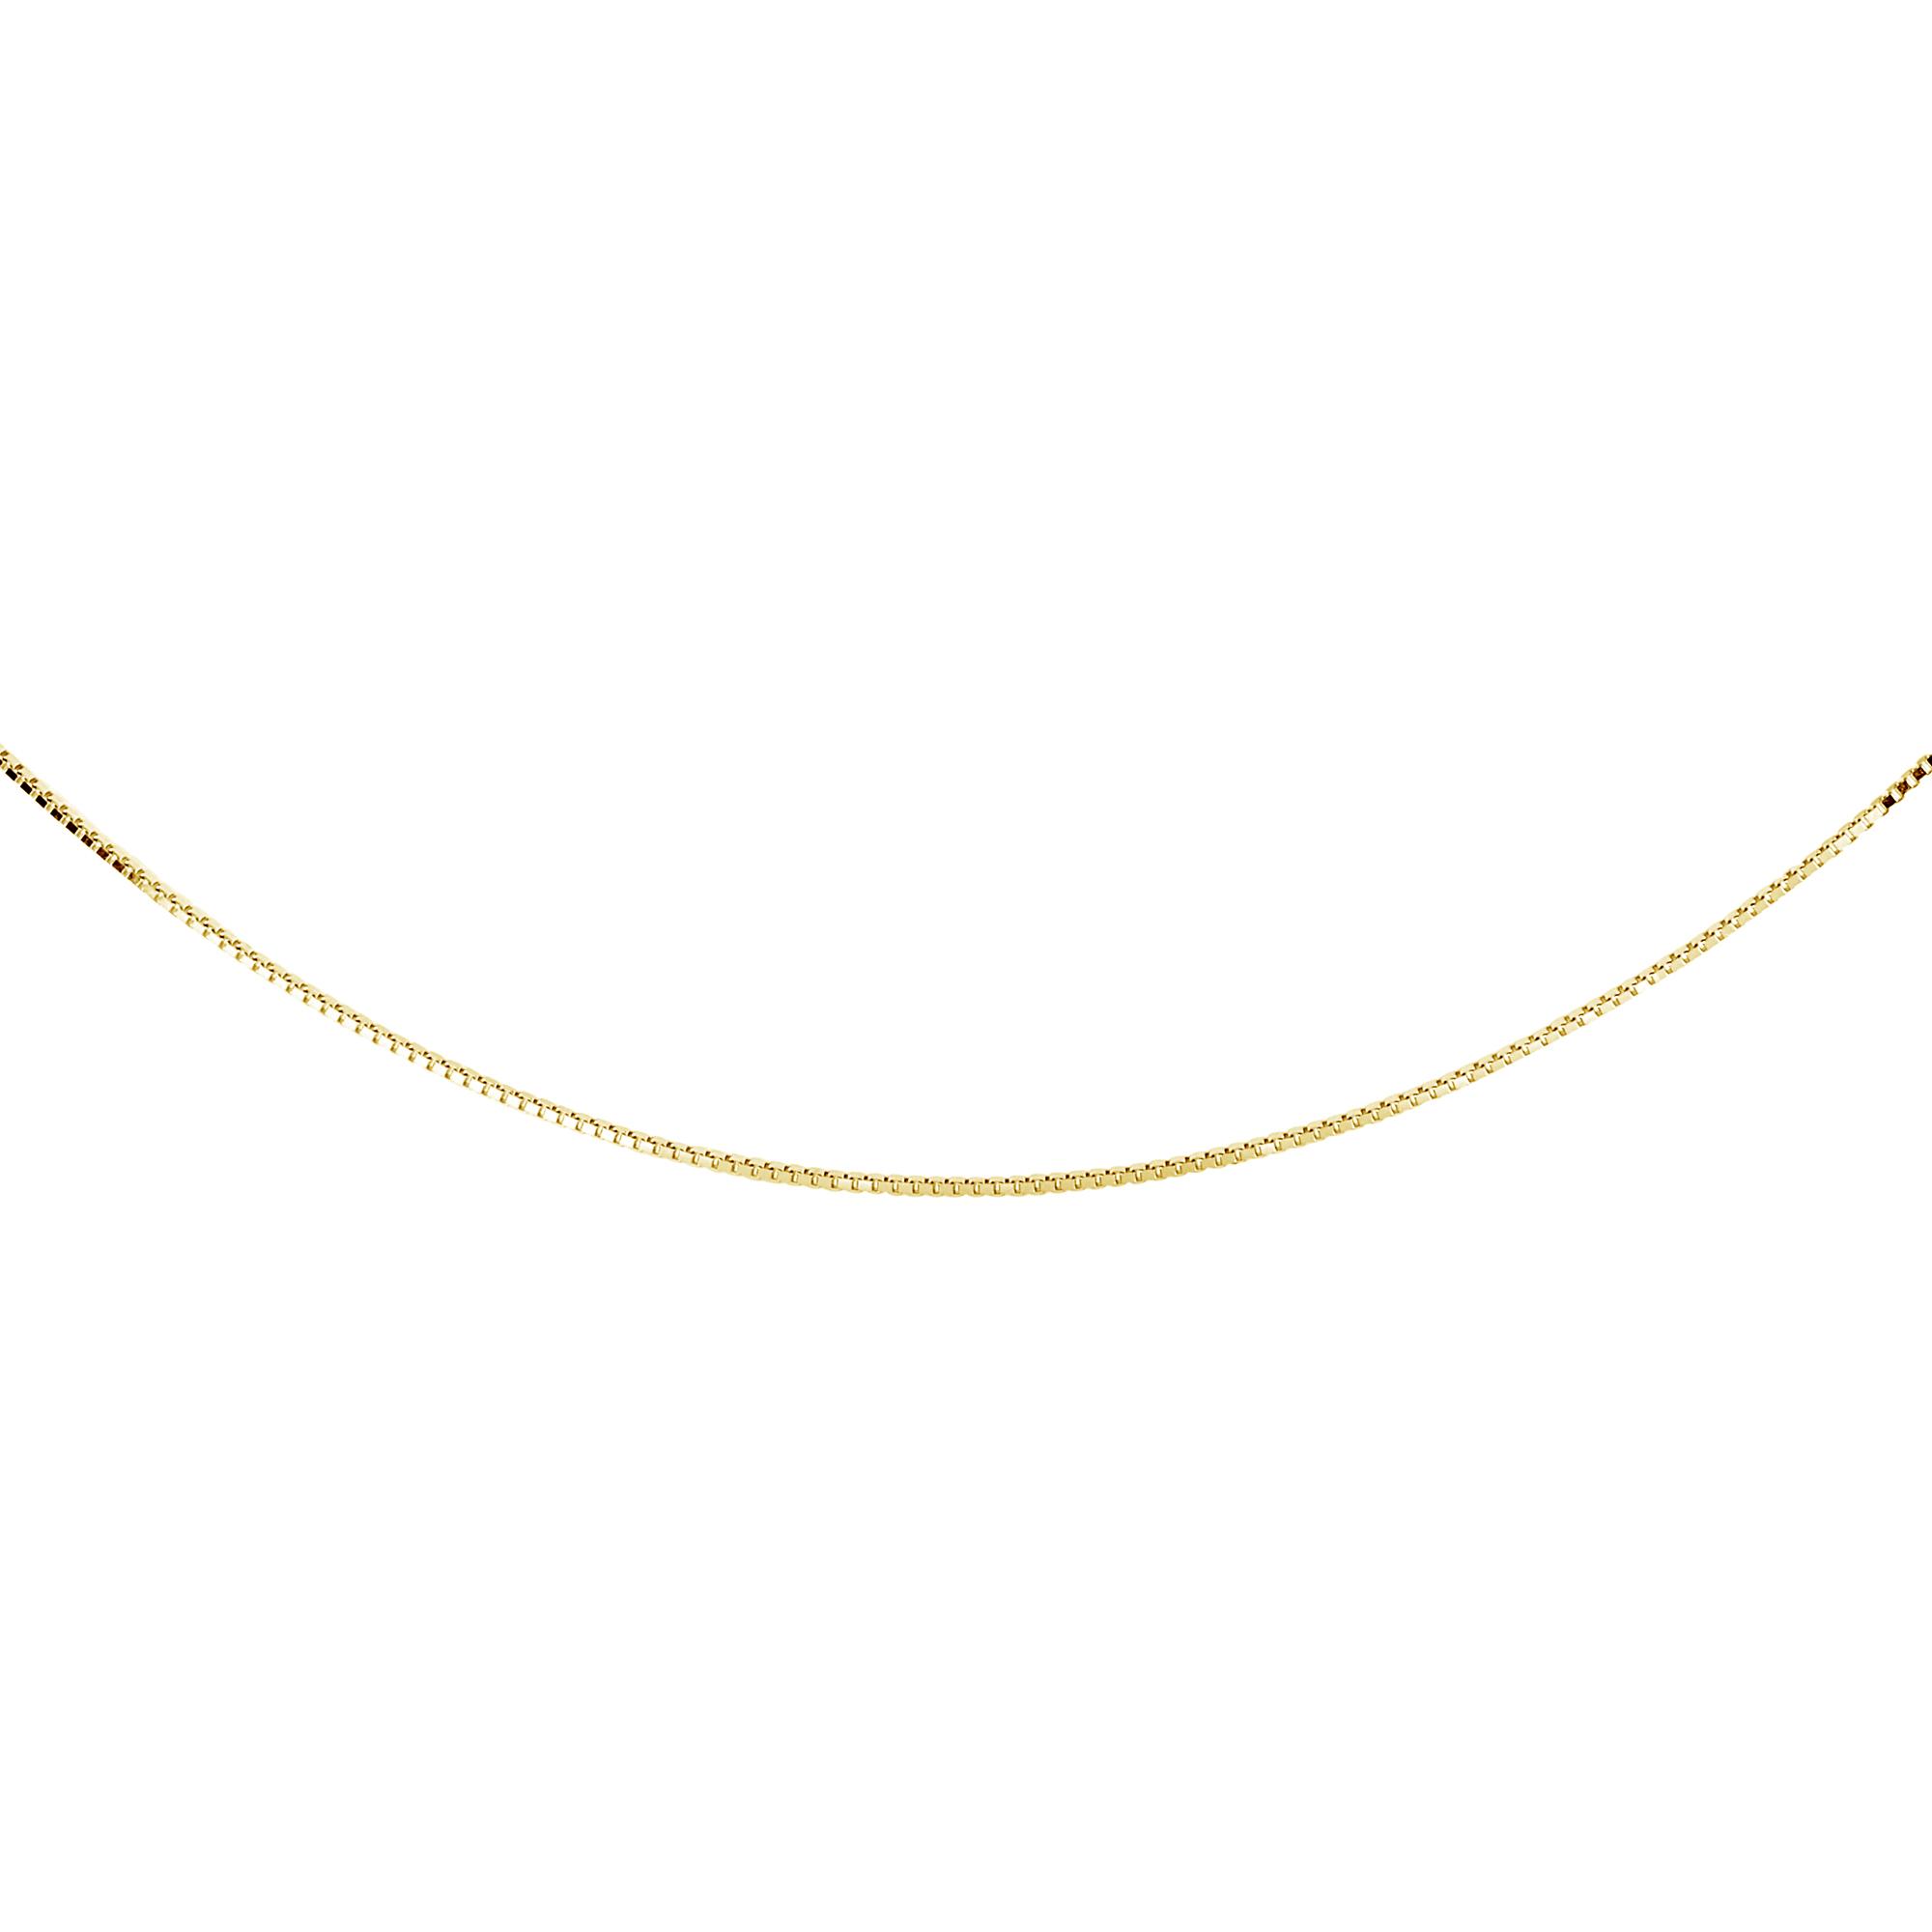 Chaîne Cubique 14'' pour enfant - Or jaune 10K